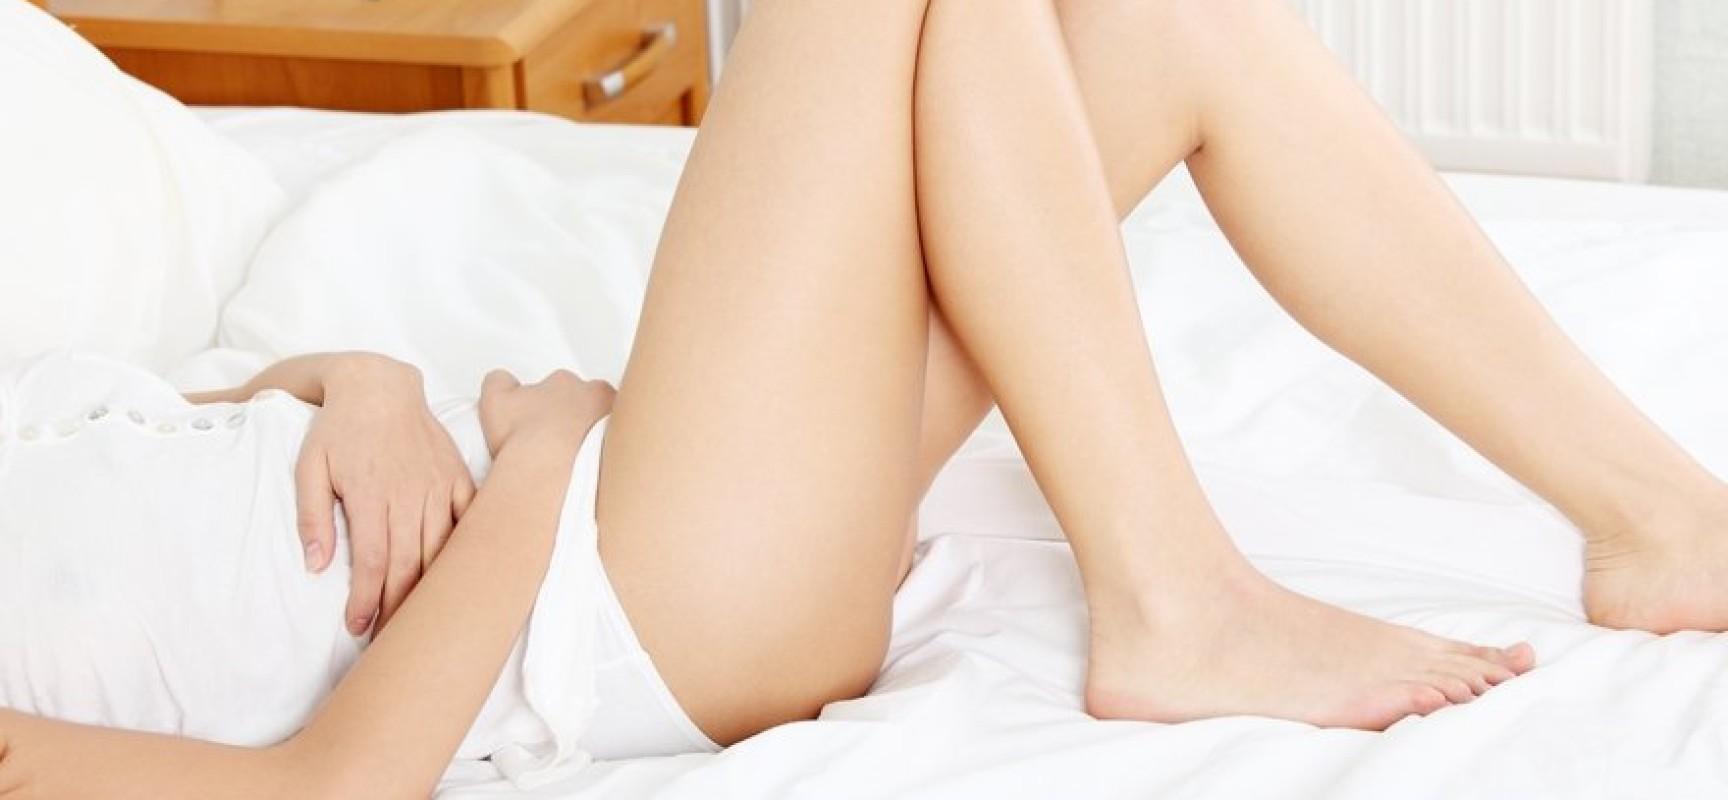 Особенности аппендицита у женщин: как не запустить патологию?